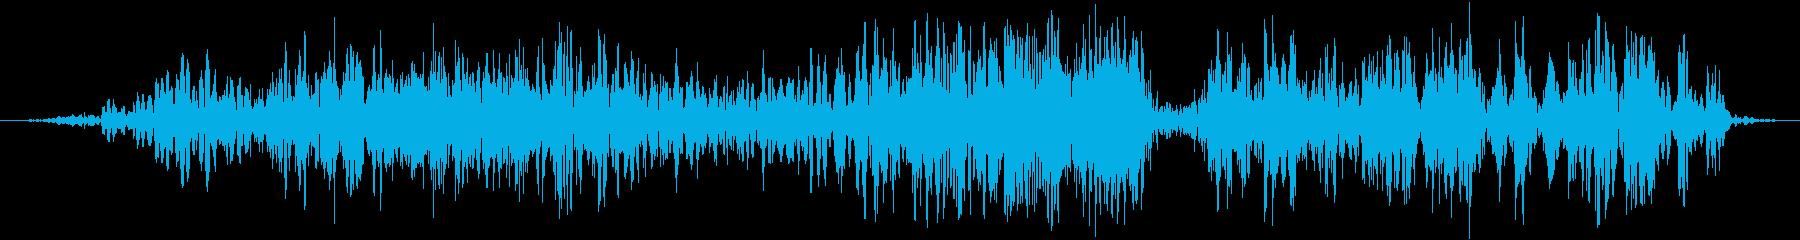 ビッググローヴァンパイア、オーガ、...の再生済みの波形